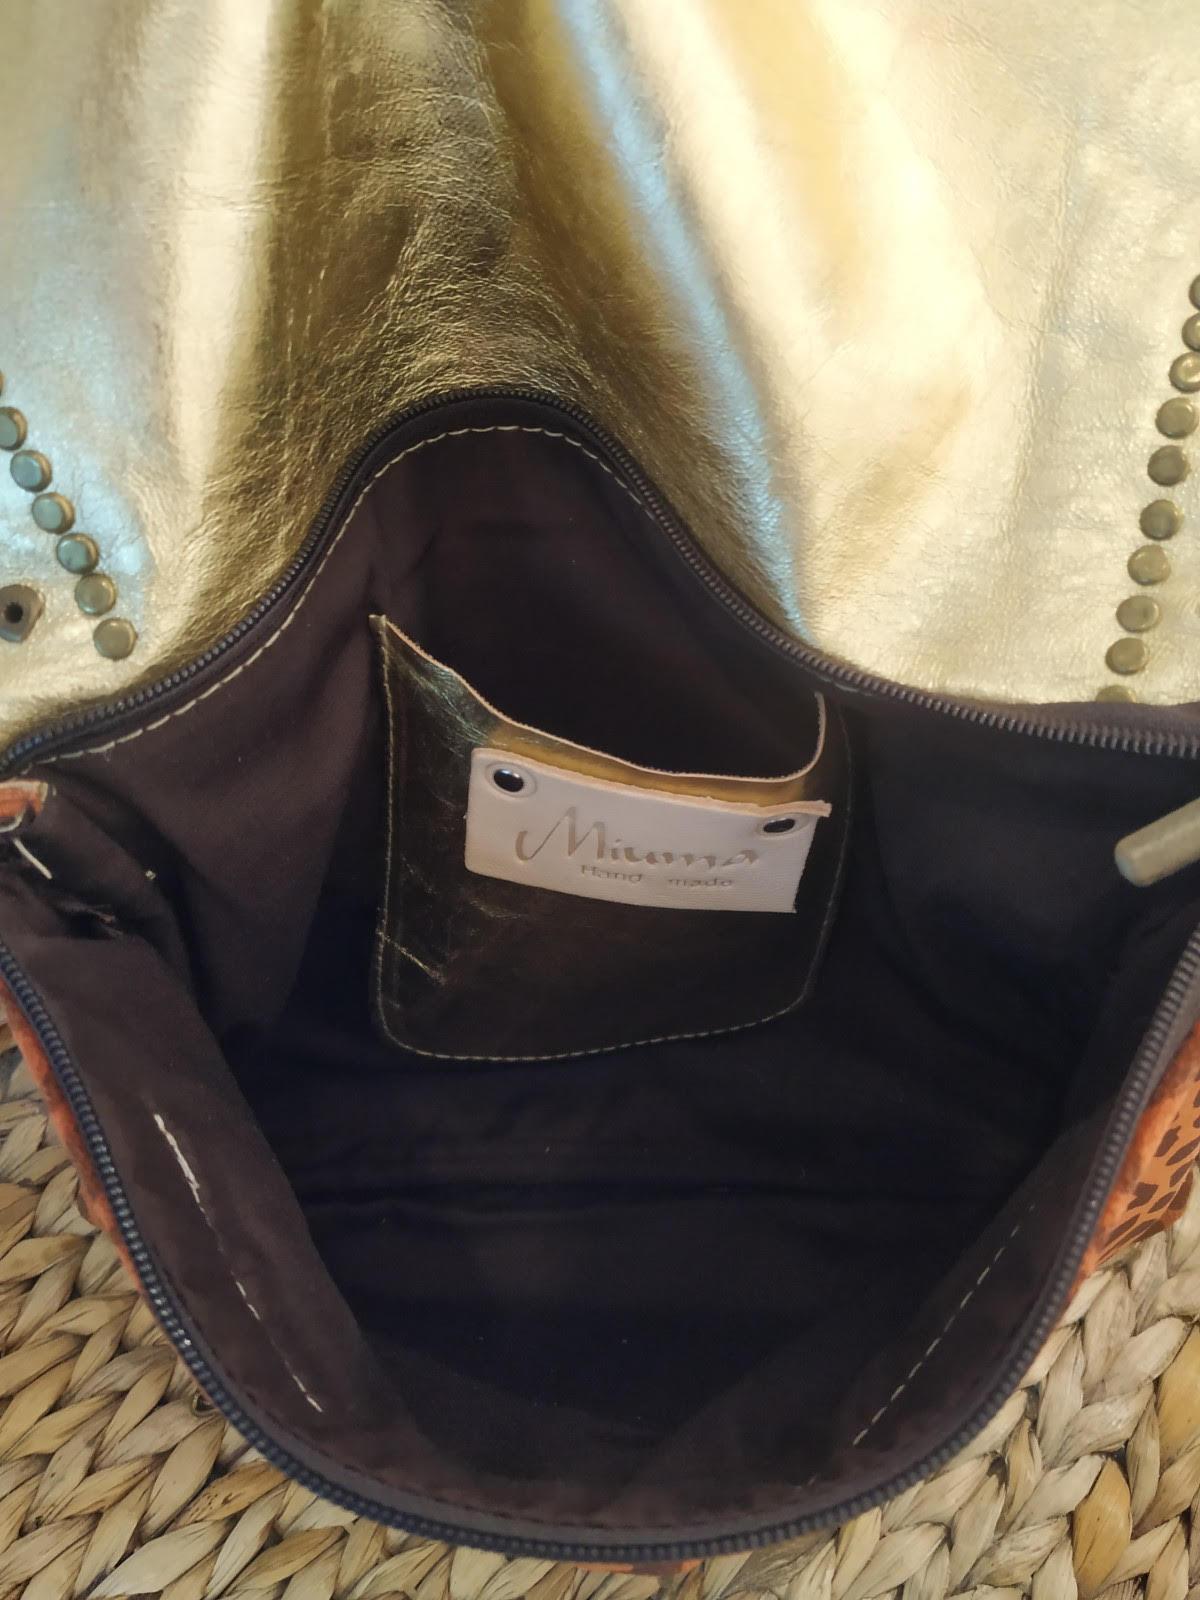 miuma-sobre-tachas-estampado-piel-complementos-moda-cambrils-leopard(5)